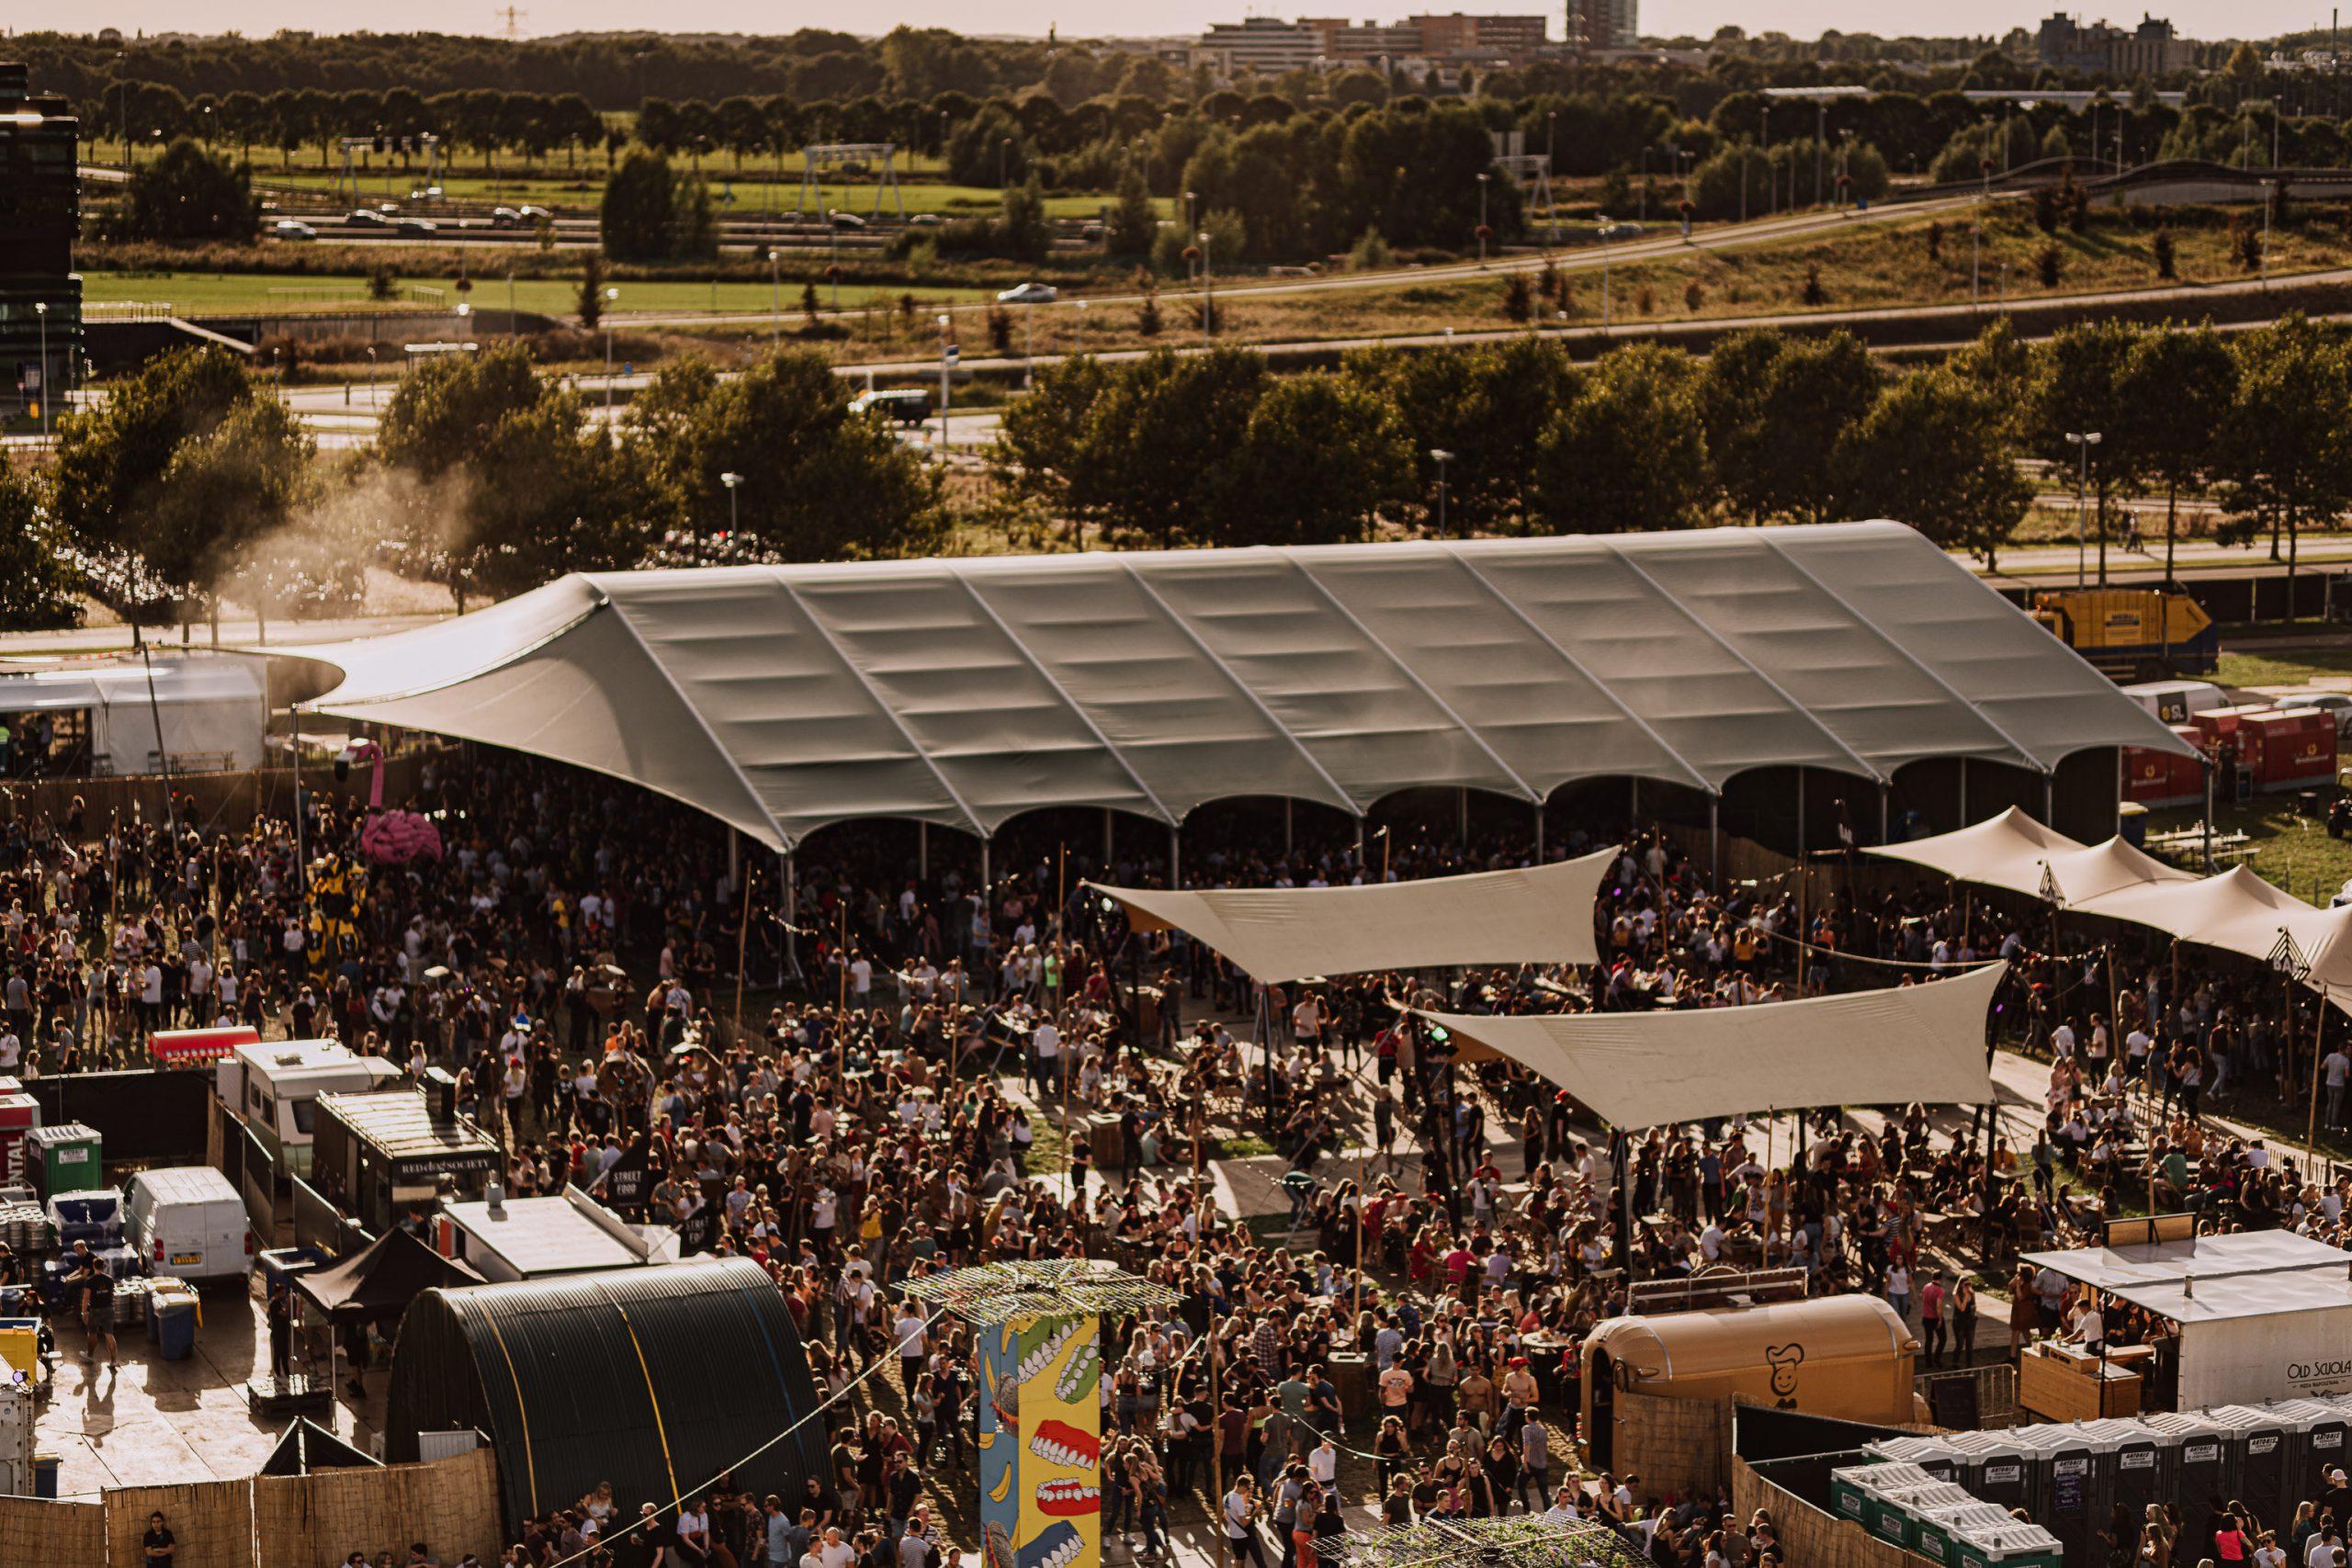 Donselaar Tenten - Soorten festivaltenten